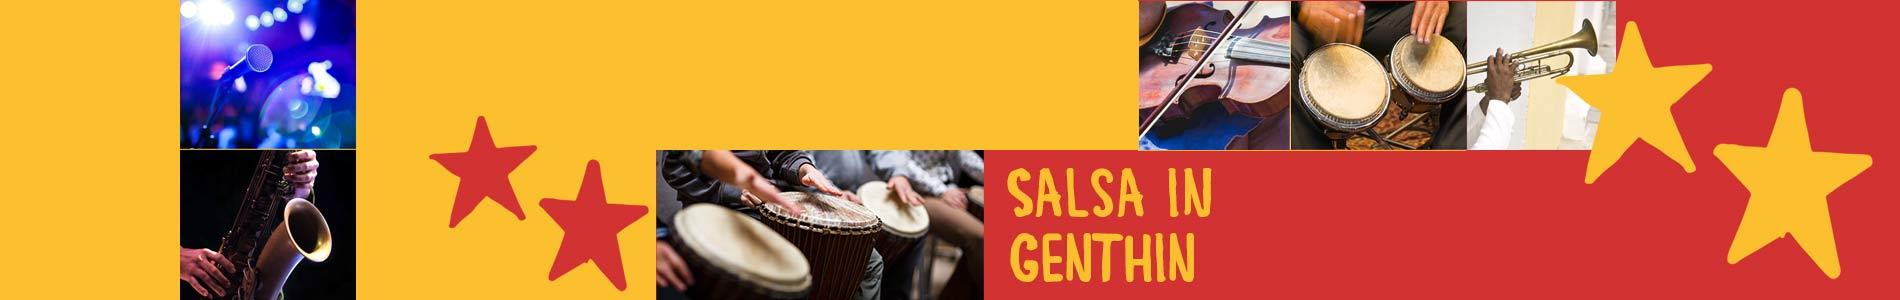 Salsa in Genthin – Salsa lernen und tanzen, Tanzkurse, Partys, Veranstaltungen